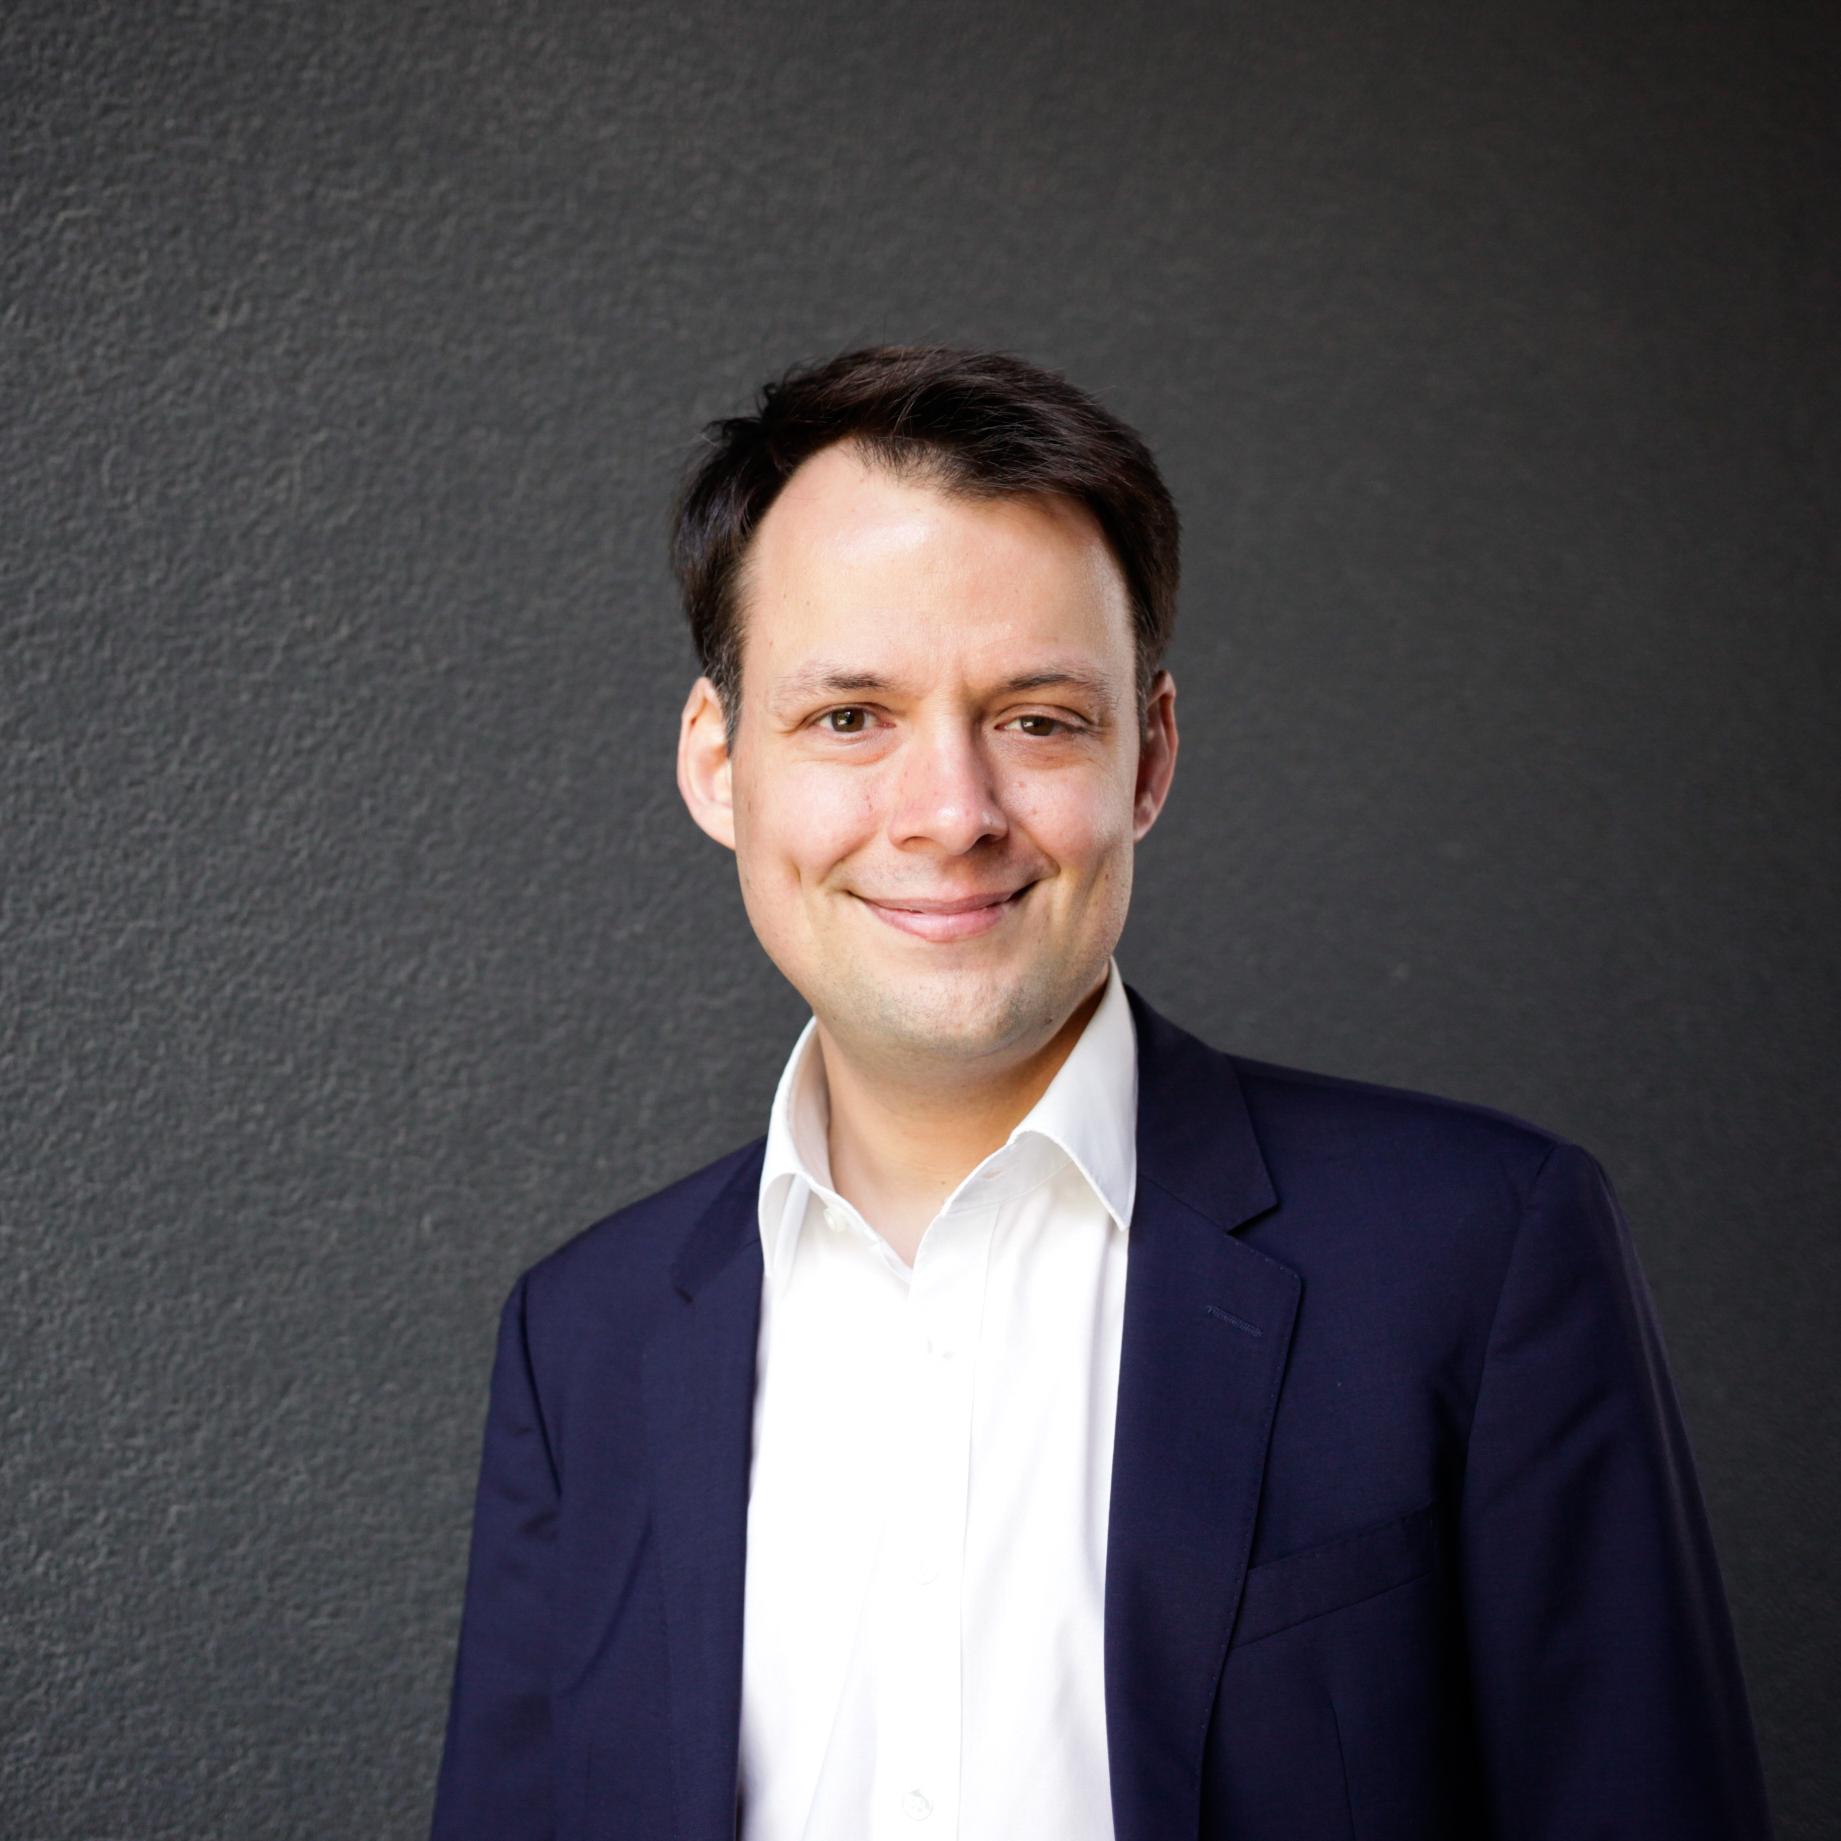 Dr. Henrik Schober-Oschmann